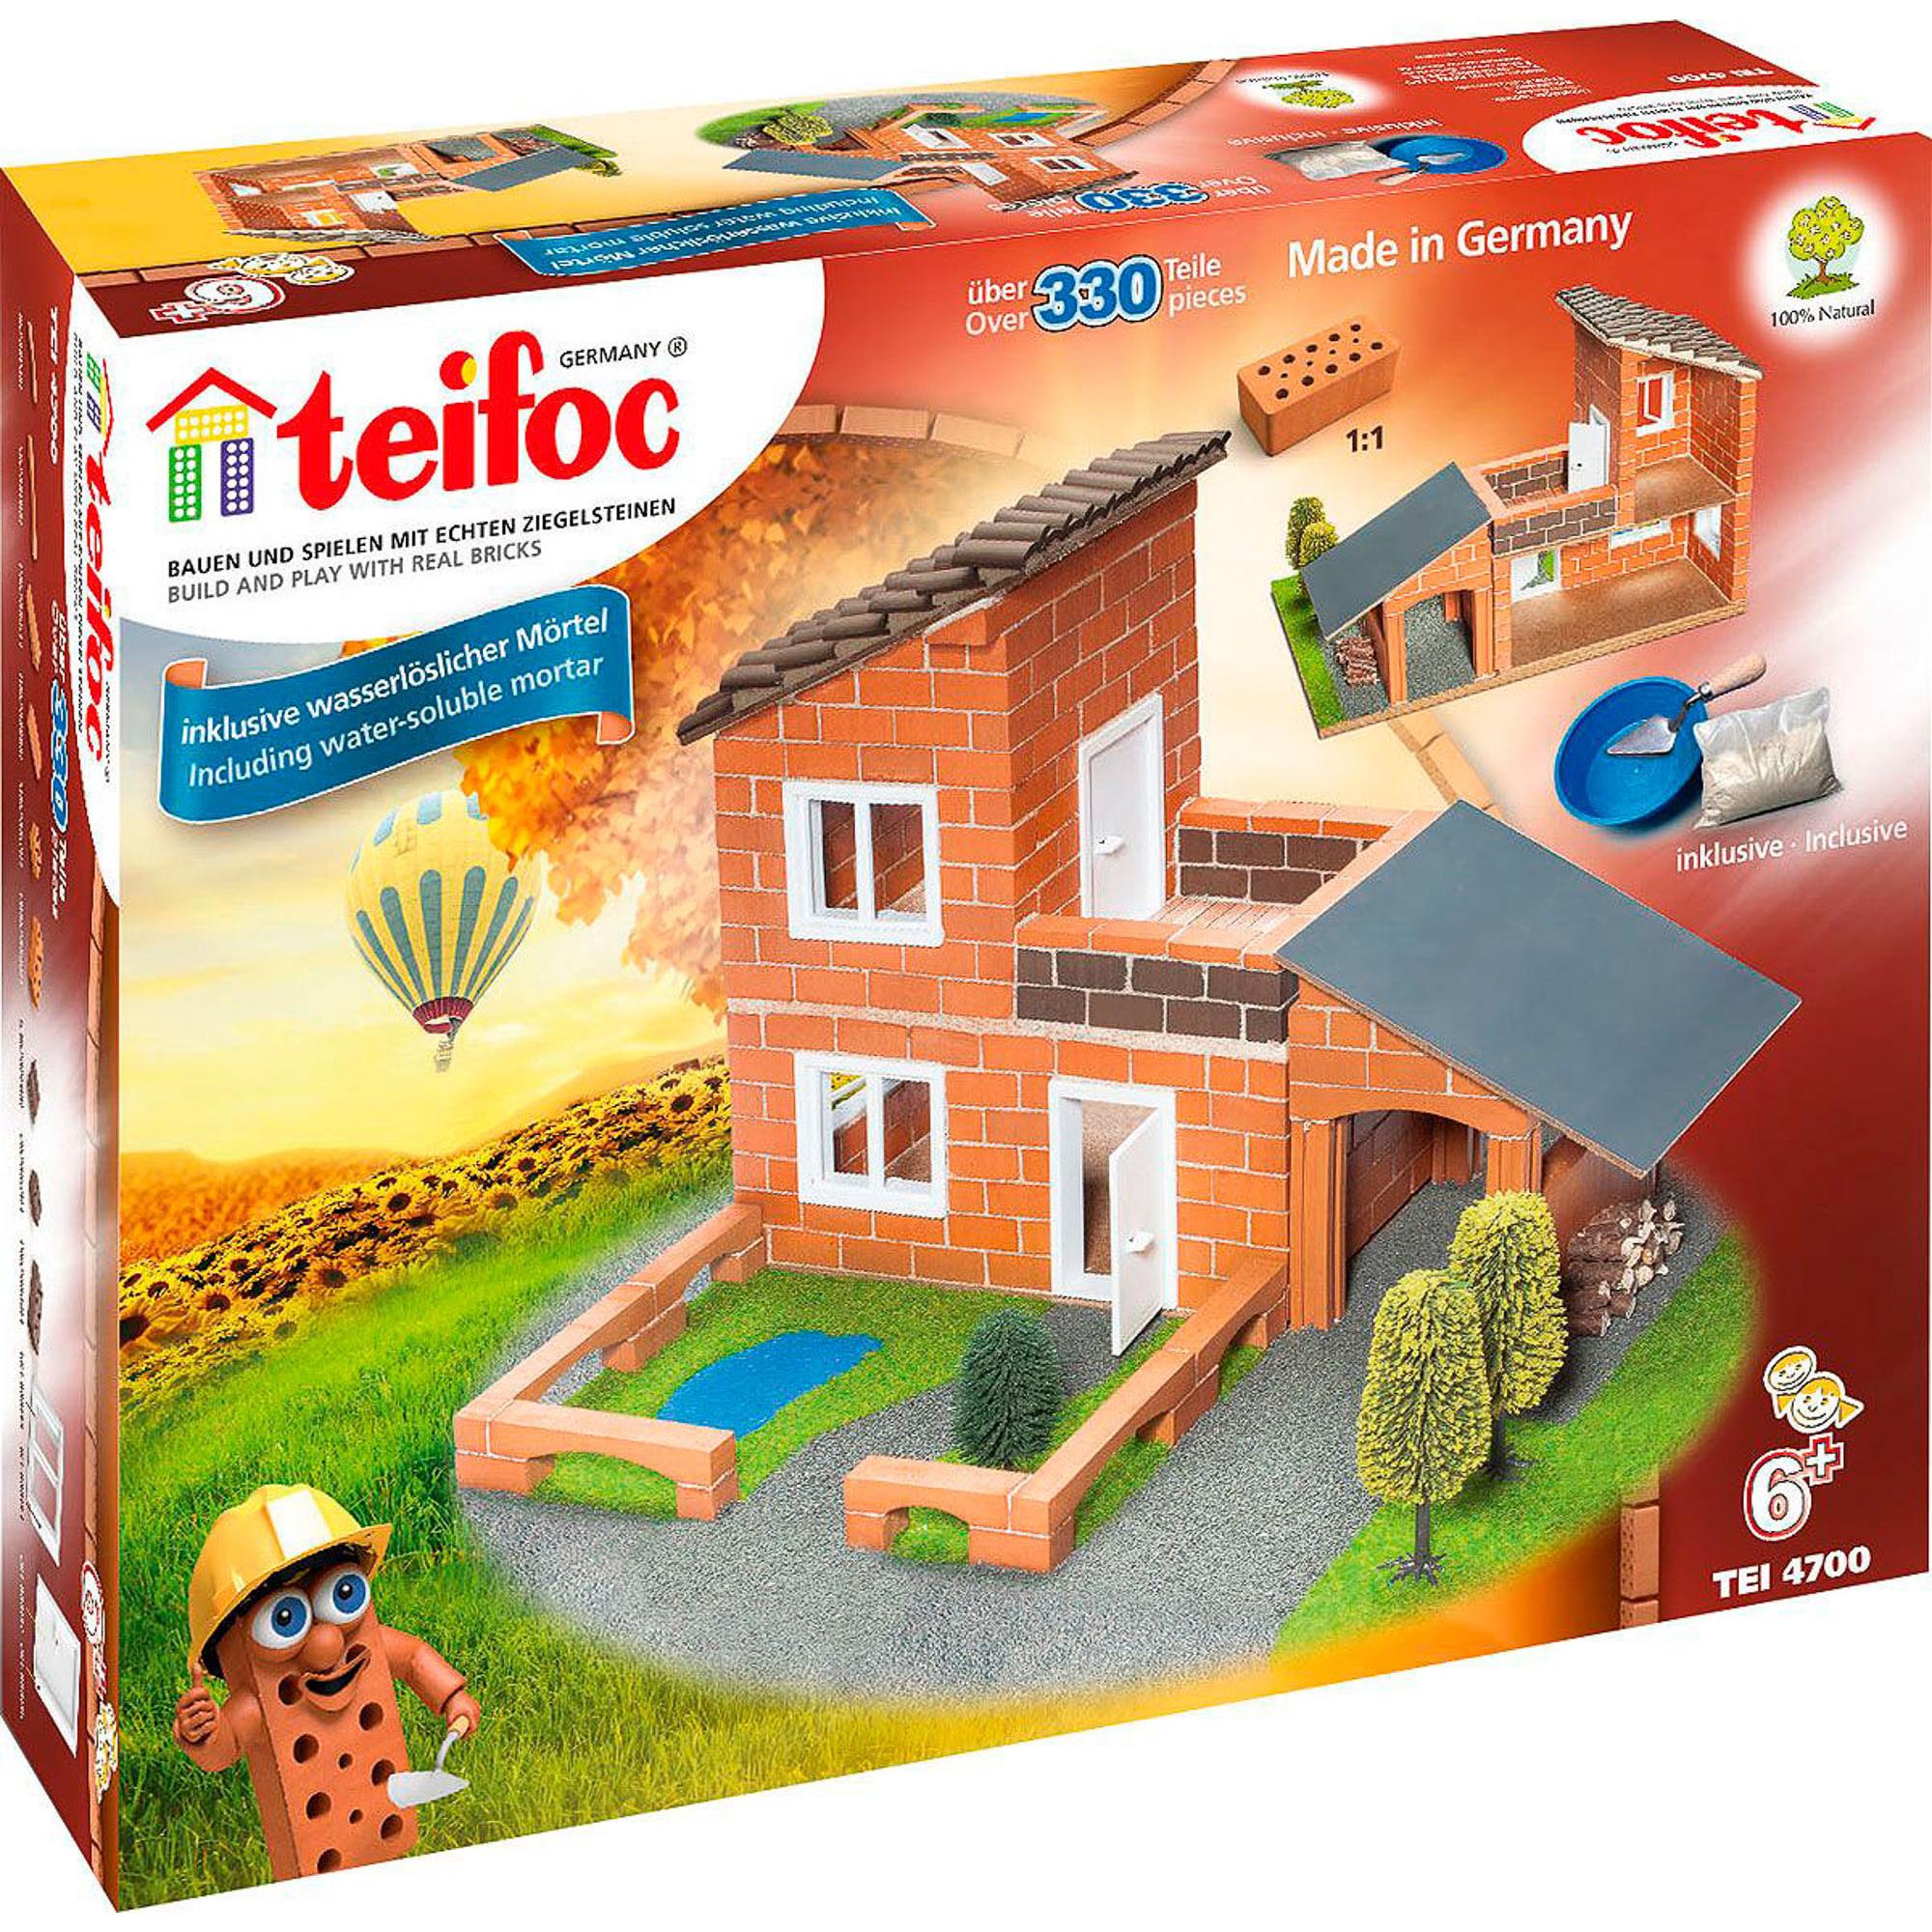 Фото - Игровой набор TEIFOC Вилла с гаражом TEI 4700 сборные модели teifoc дополнительный набор кирпичи смесь мастерок 280 деталей